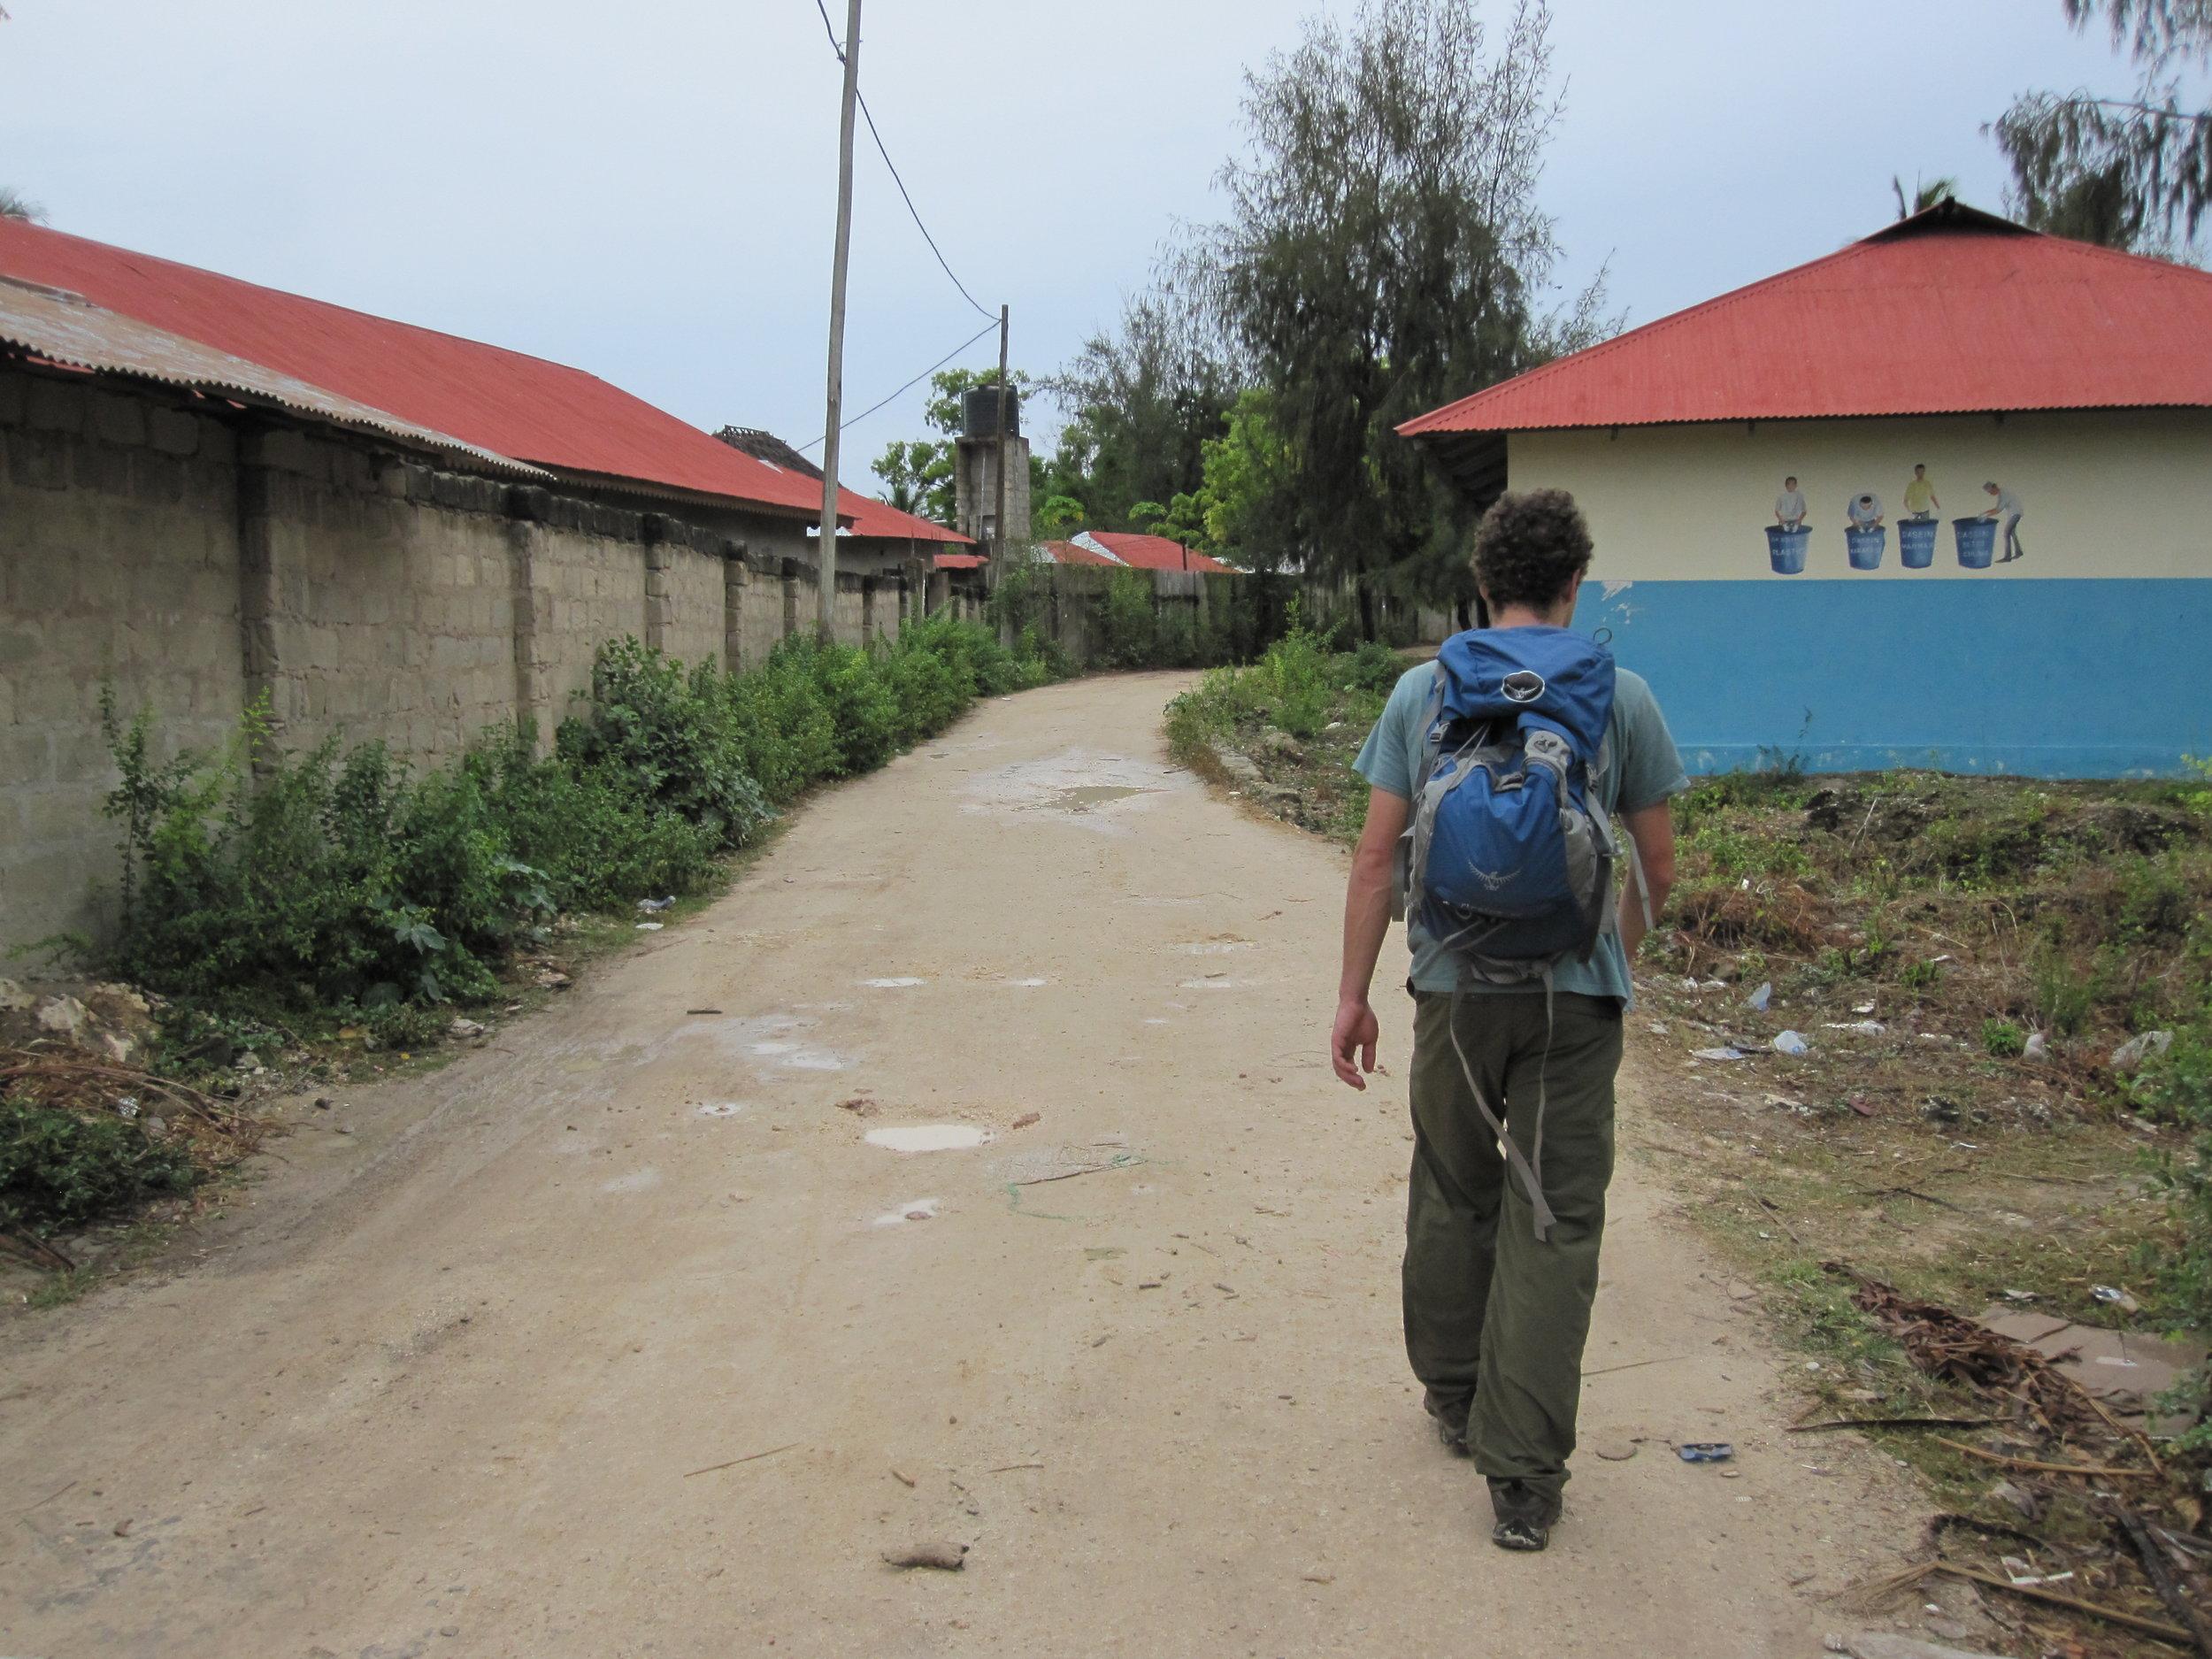 Walking through a village in Zanzibar.